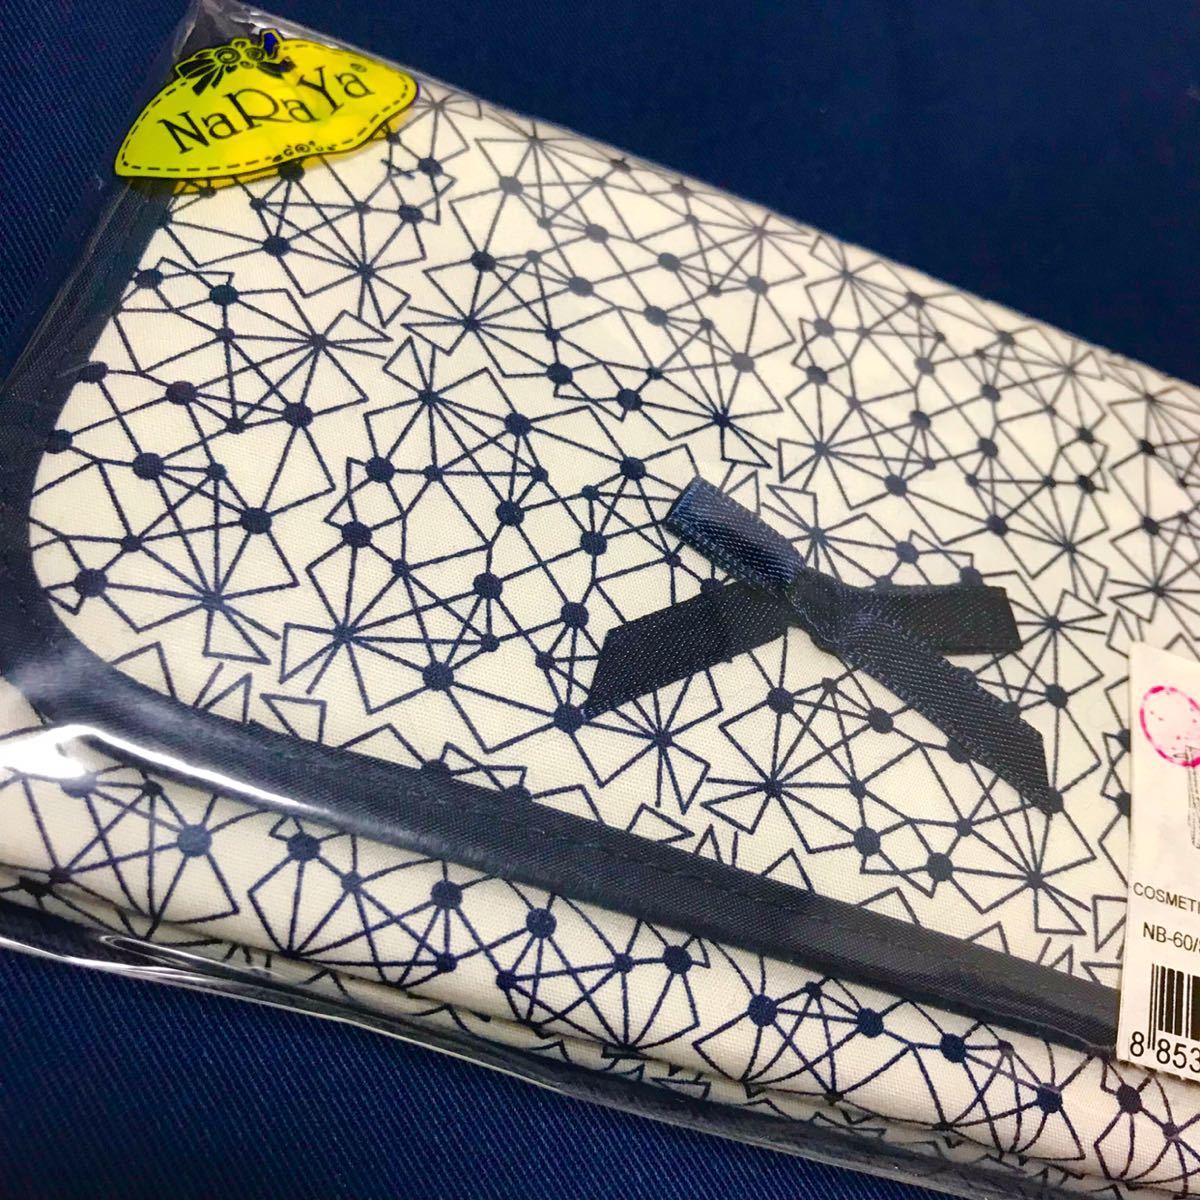 ◆タイ購入◆新品未使用!幾何学柄 ナラヤ(NaRaYa)ポーチ2点セット